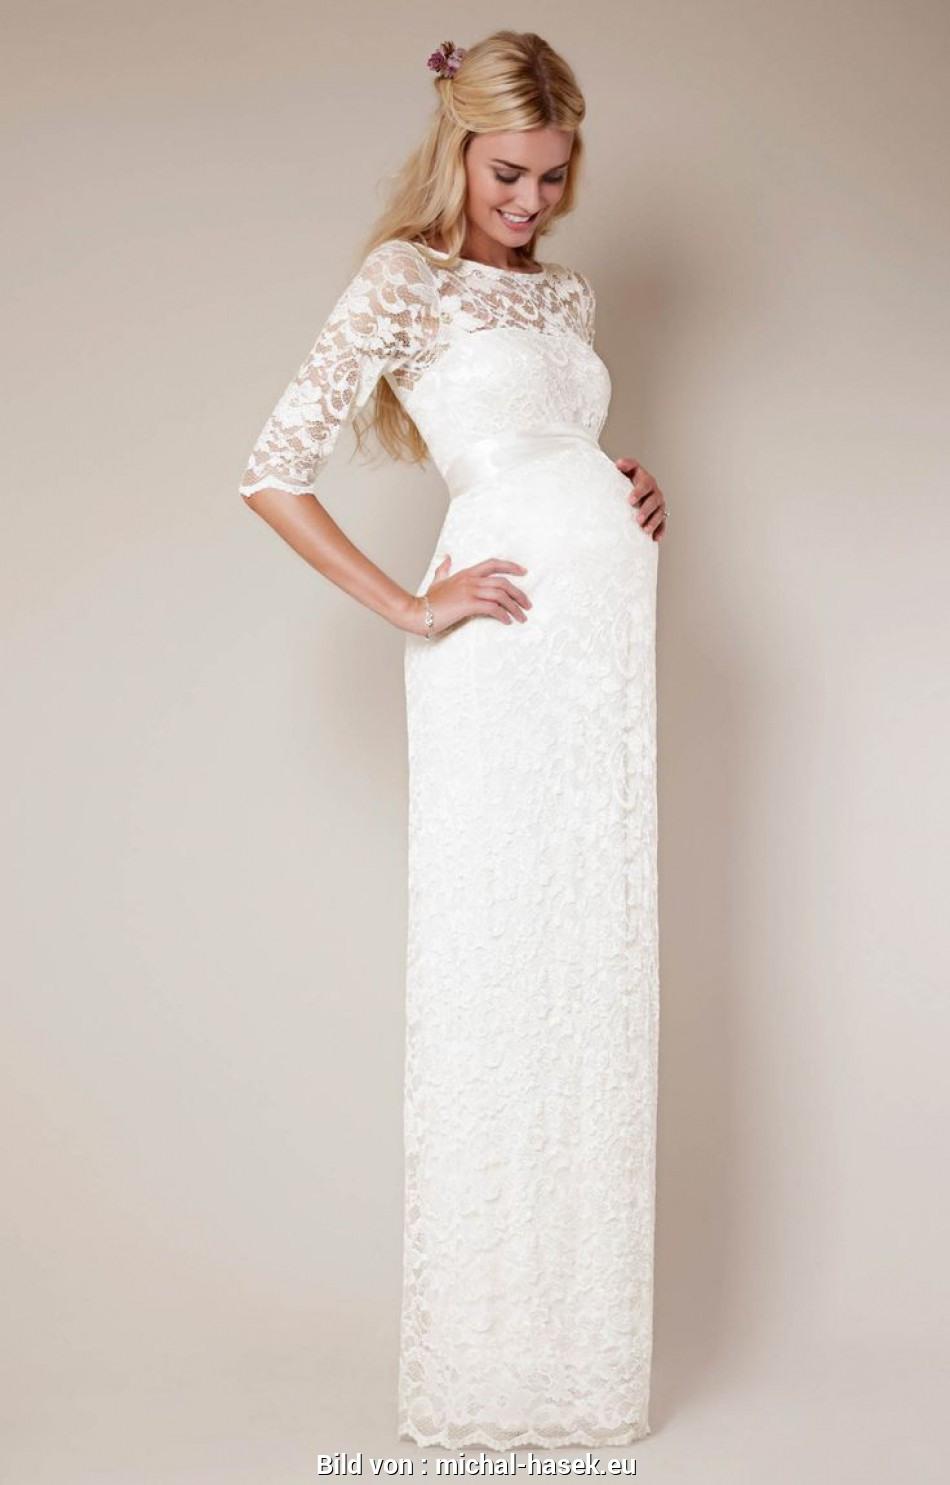 10 Ausgezeichnet Abendkleid Umstandskleid ÄrmelDesigner Schön Abendkleid Umstandskleid Vertrieb